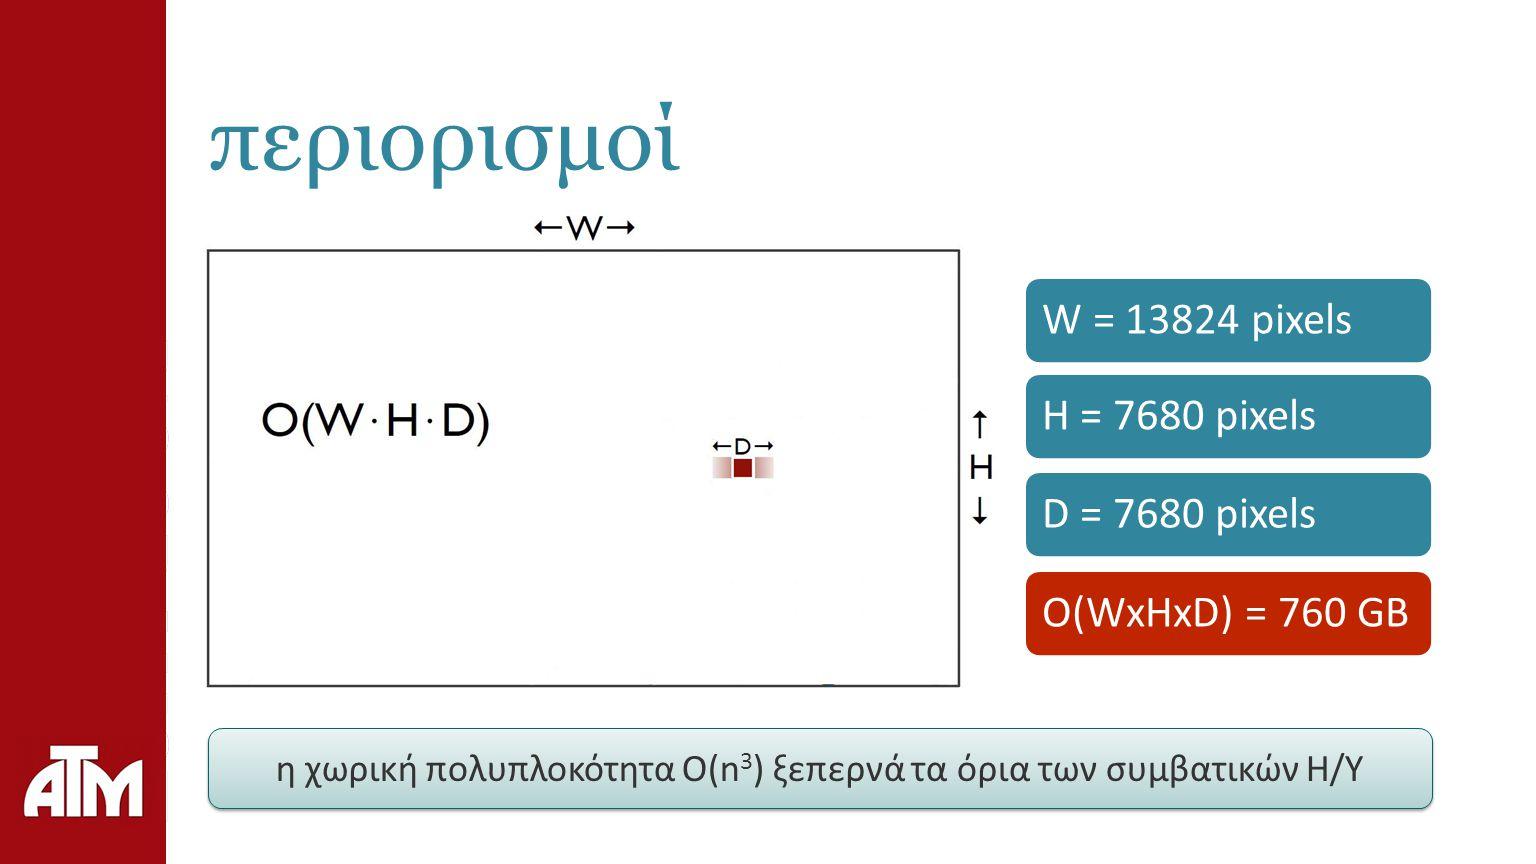 περιορισμοί W = 13824 pixelsH = 7680 pixelsD = 7680 pixelsO(WxHxD) = 760 GB η χωρική πολυπλοκότητα Ο(n 3 ) ξεπερνά τα όρια των συμβατικών Η/Υ